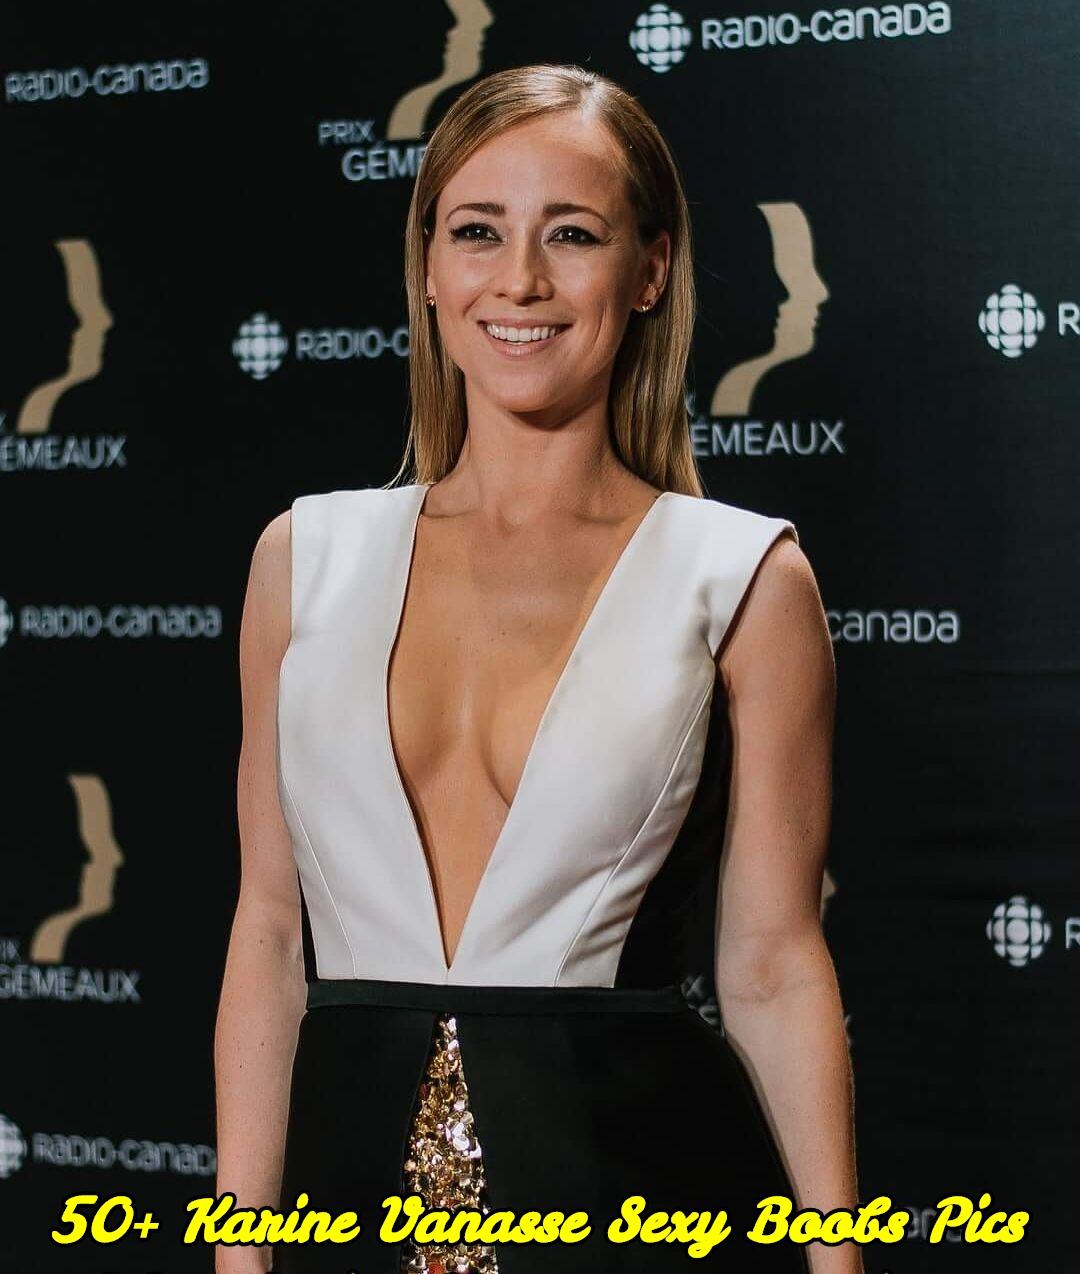 Karine Vanasse sexy boobs pics